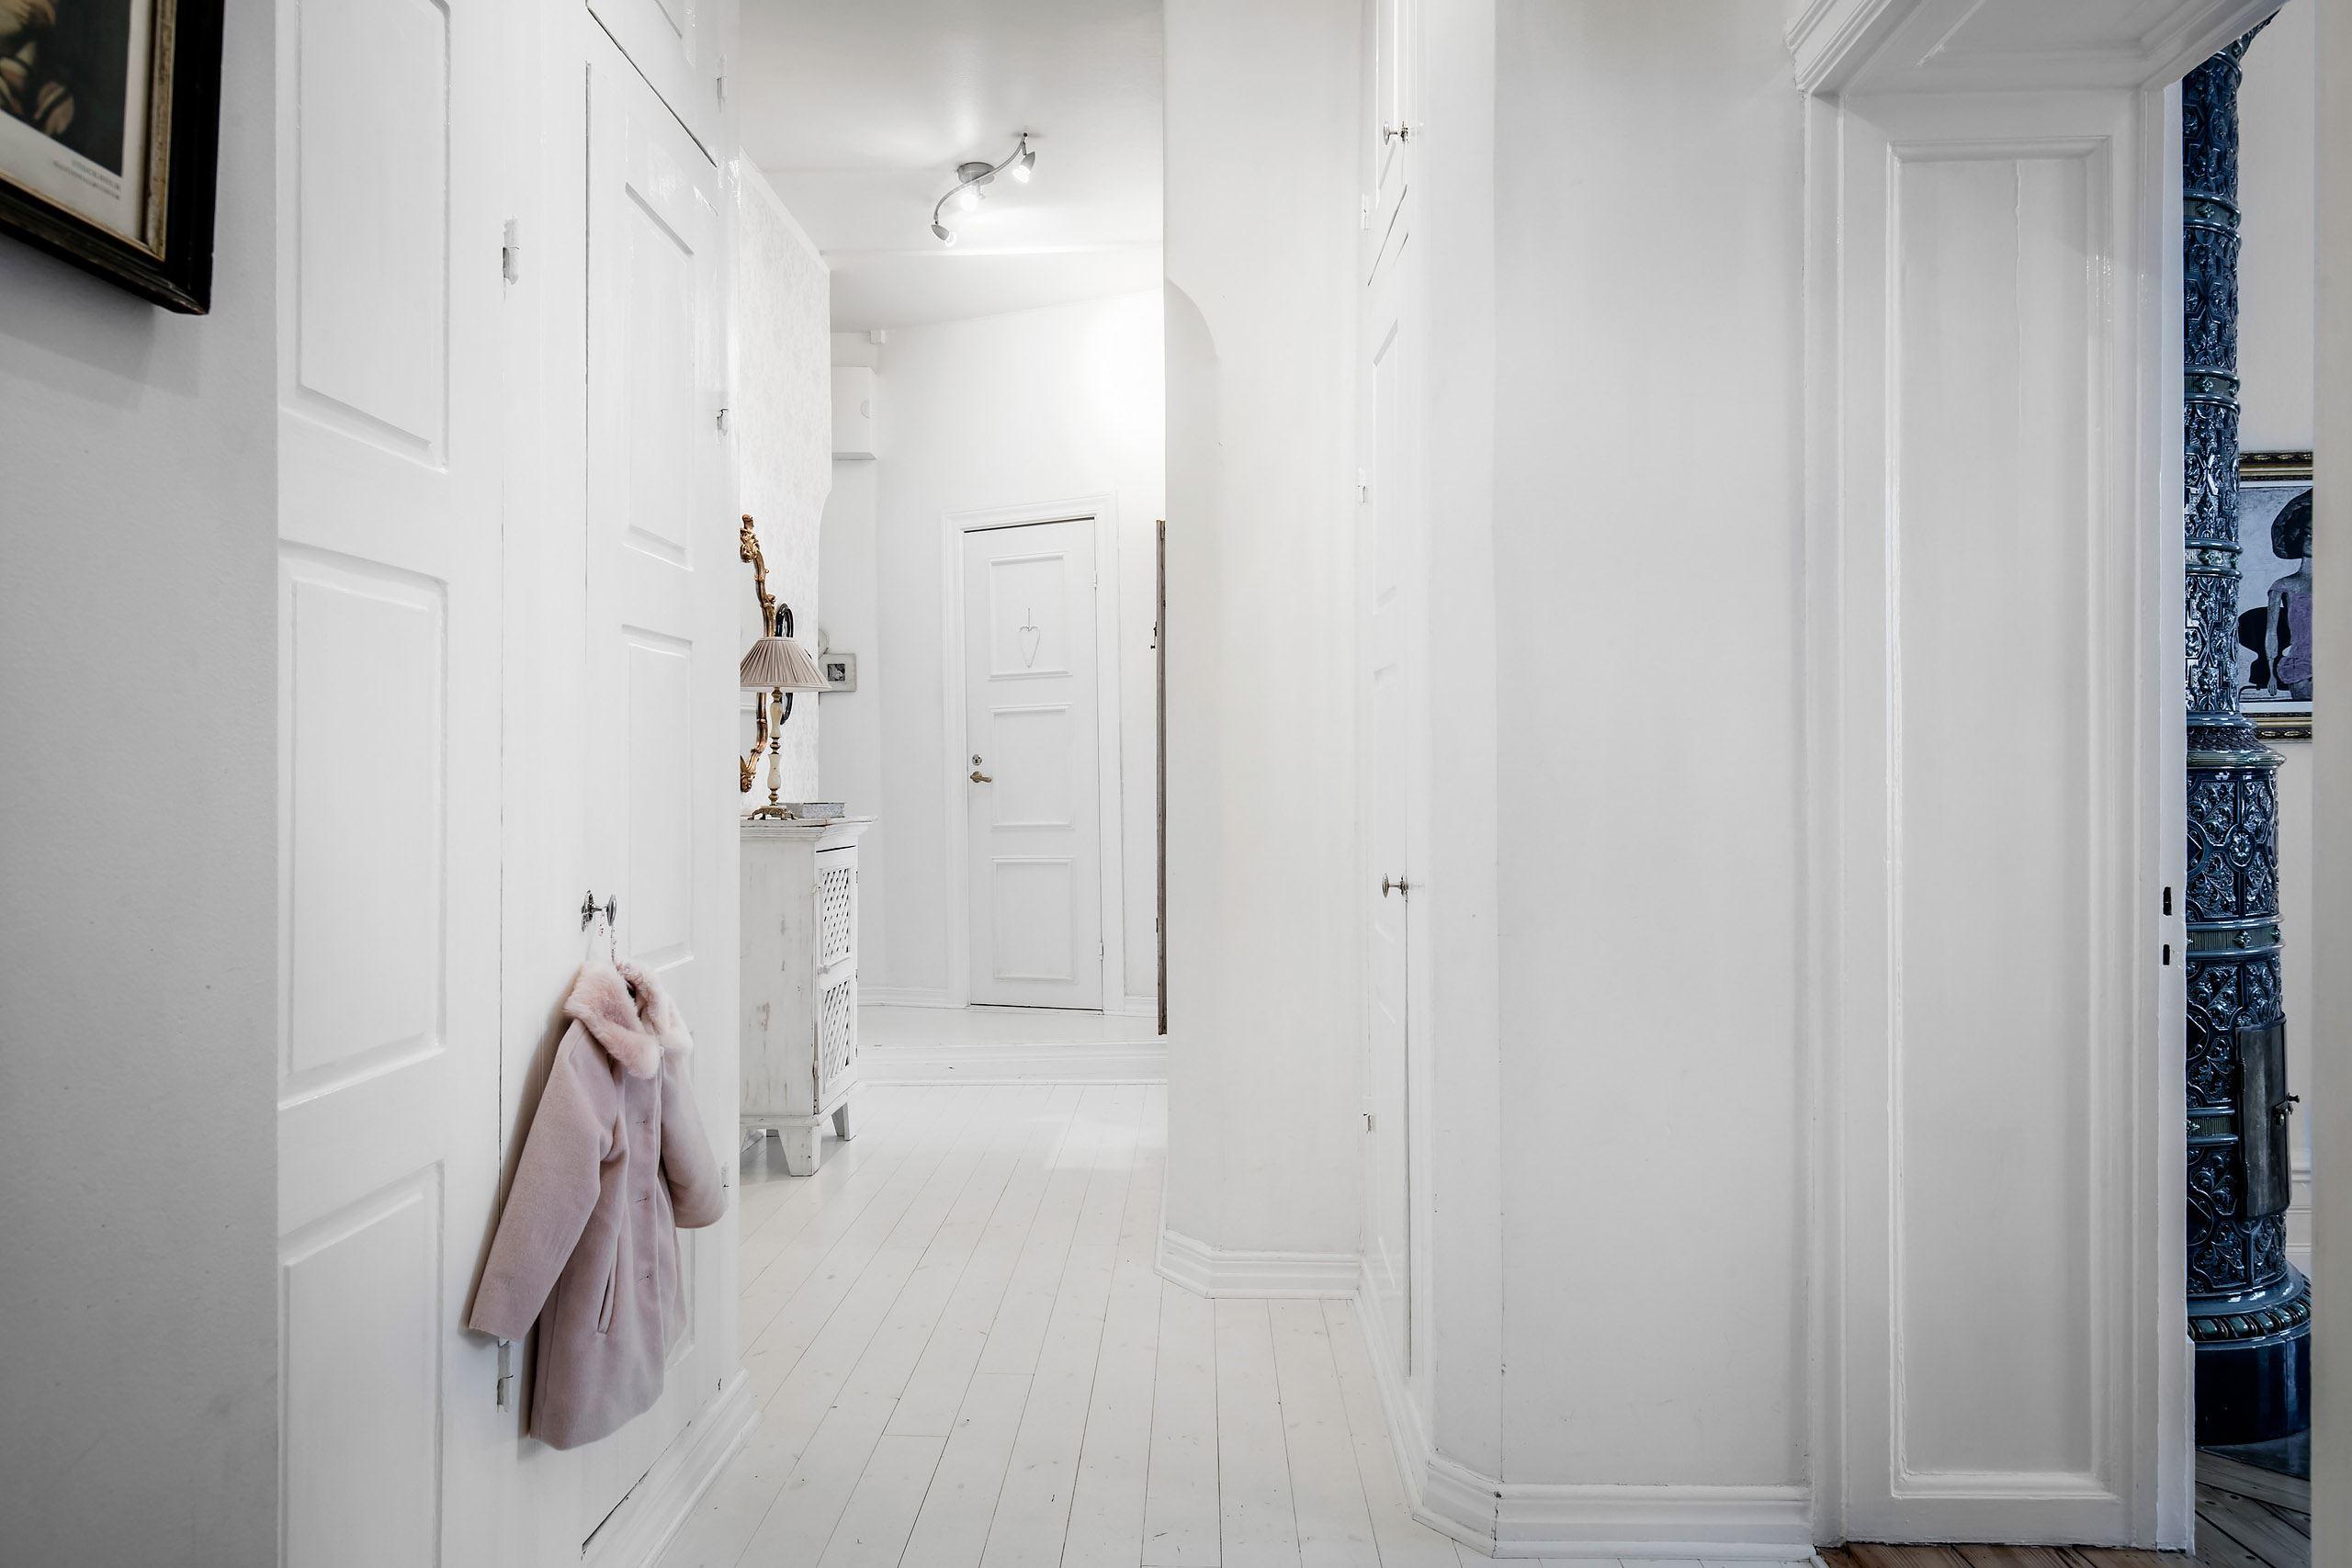 коридор проем двери половая доска